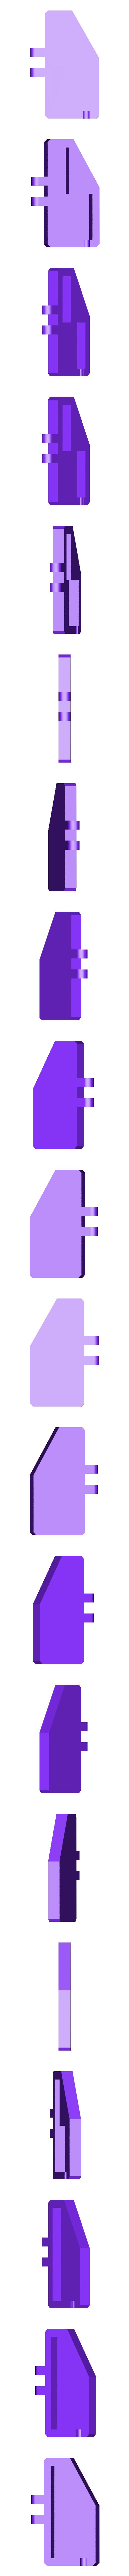 body.stl Télécharger fichier STL gratuit Caméra avant XYZ DaVinci • Modèle à imprimer en 3D, indigo4